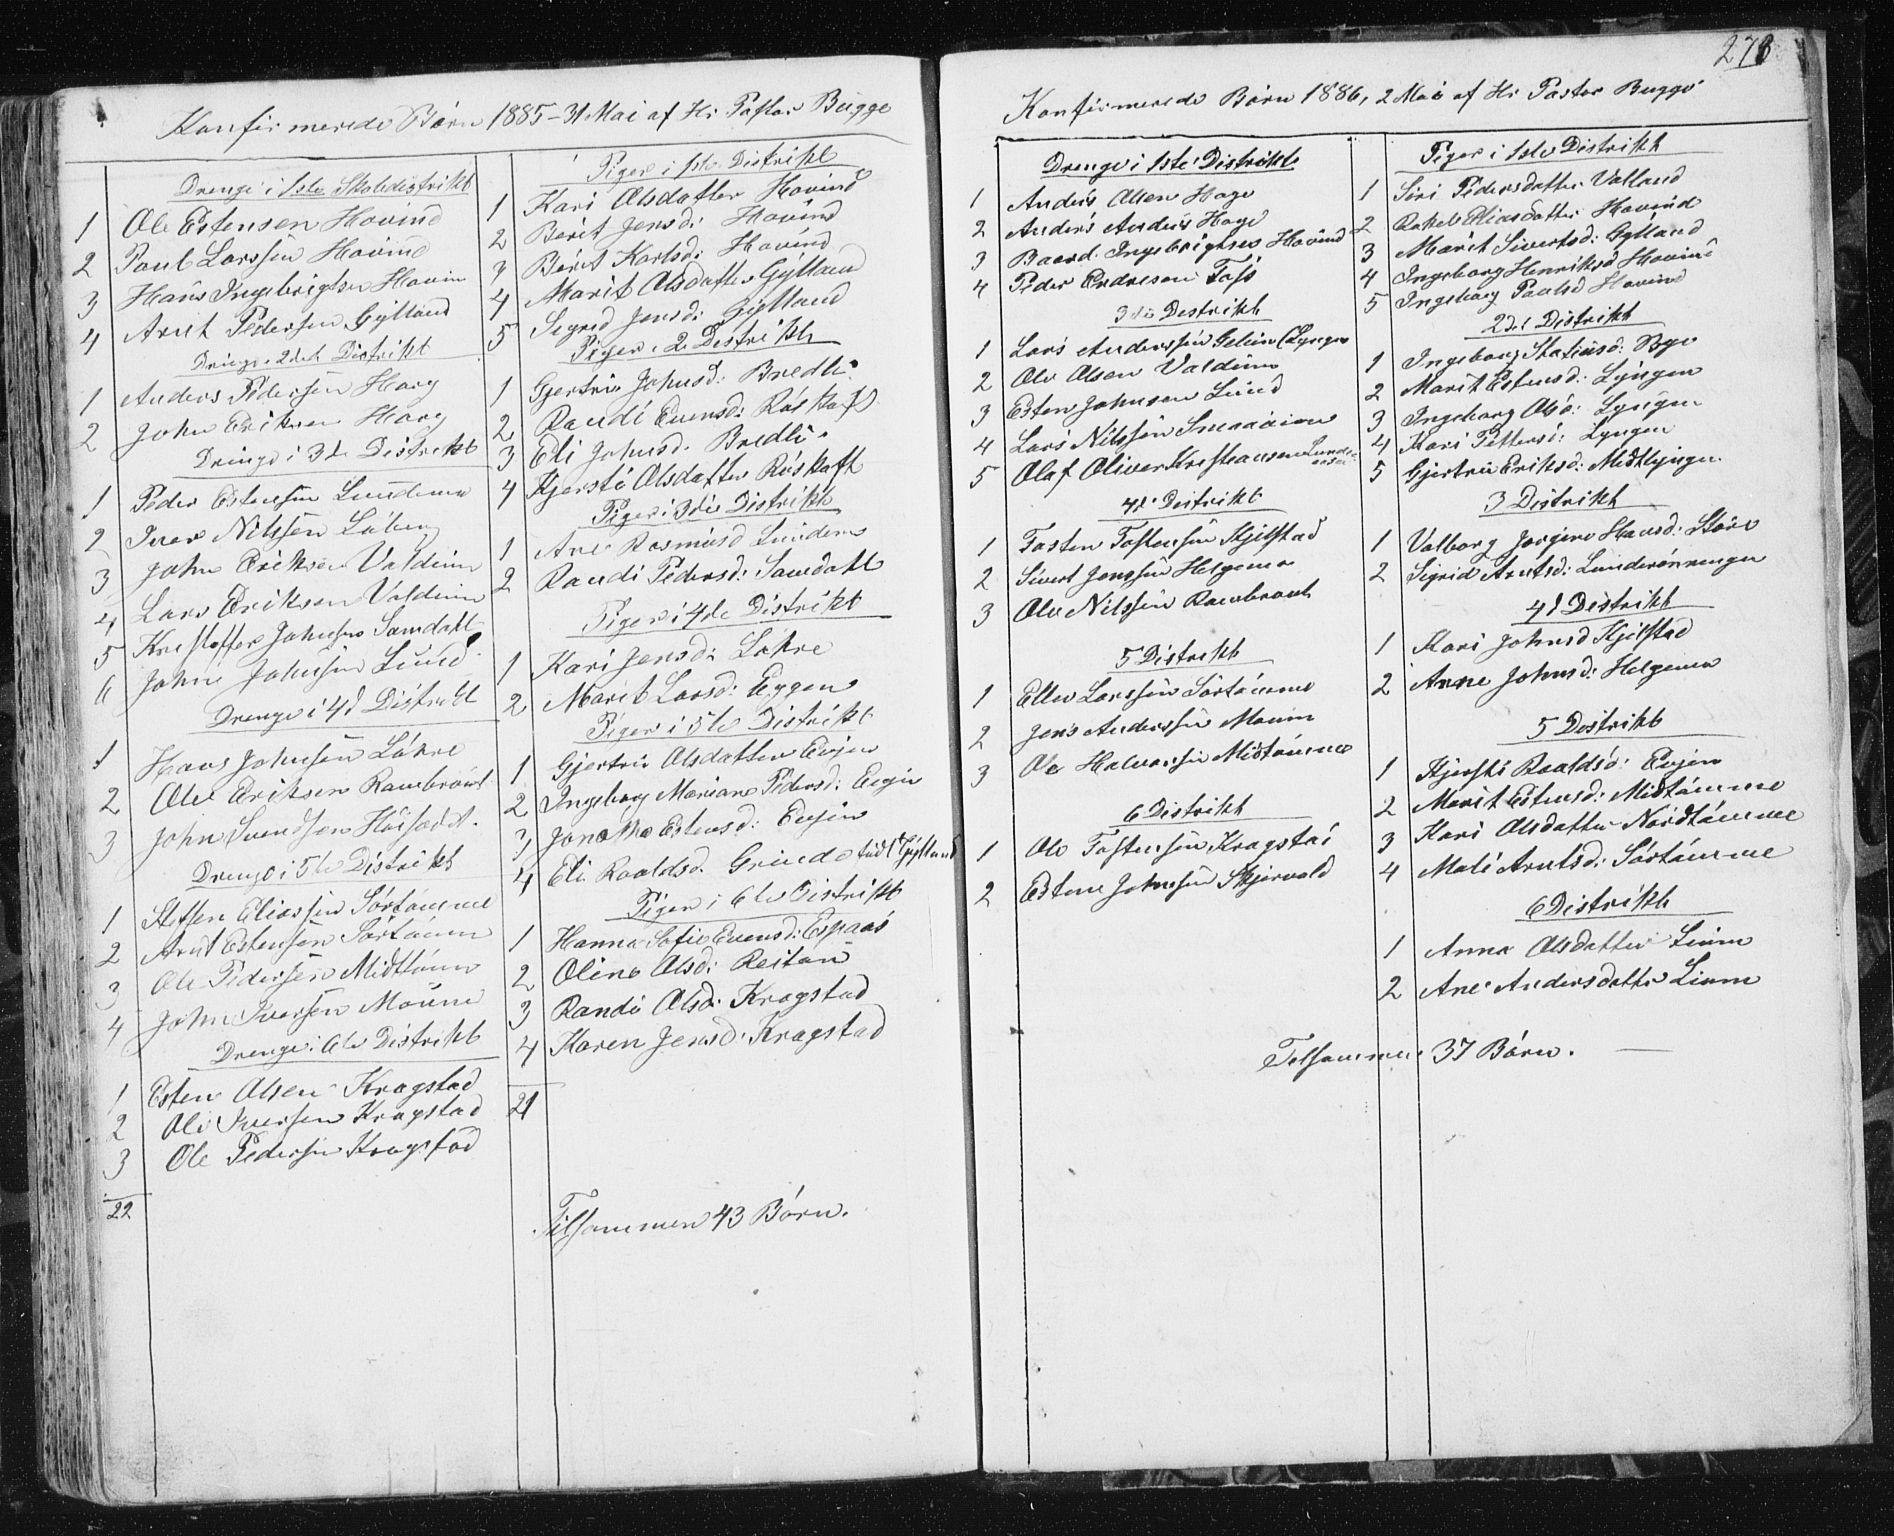 SAT, Ministerialprotokoller, klokkerbøker og fødselsregistre - Sør-Trøndelag, 692/L1110: Klokkerbok nr. 692C05, 1849-1889, s. 273